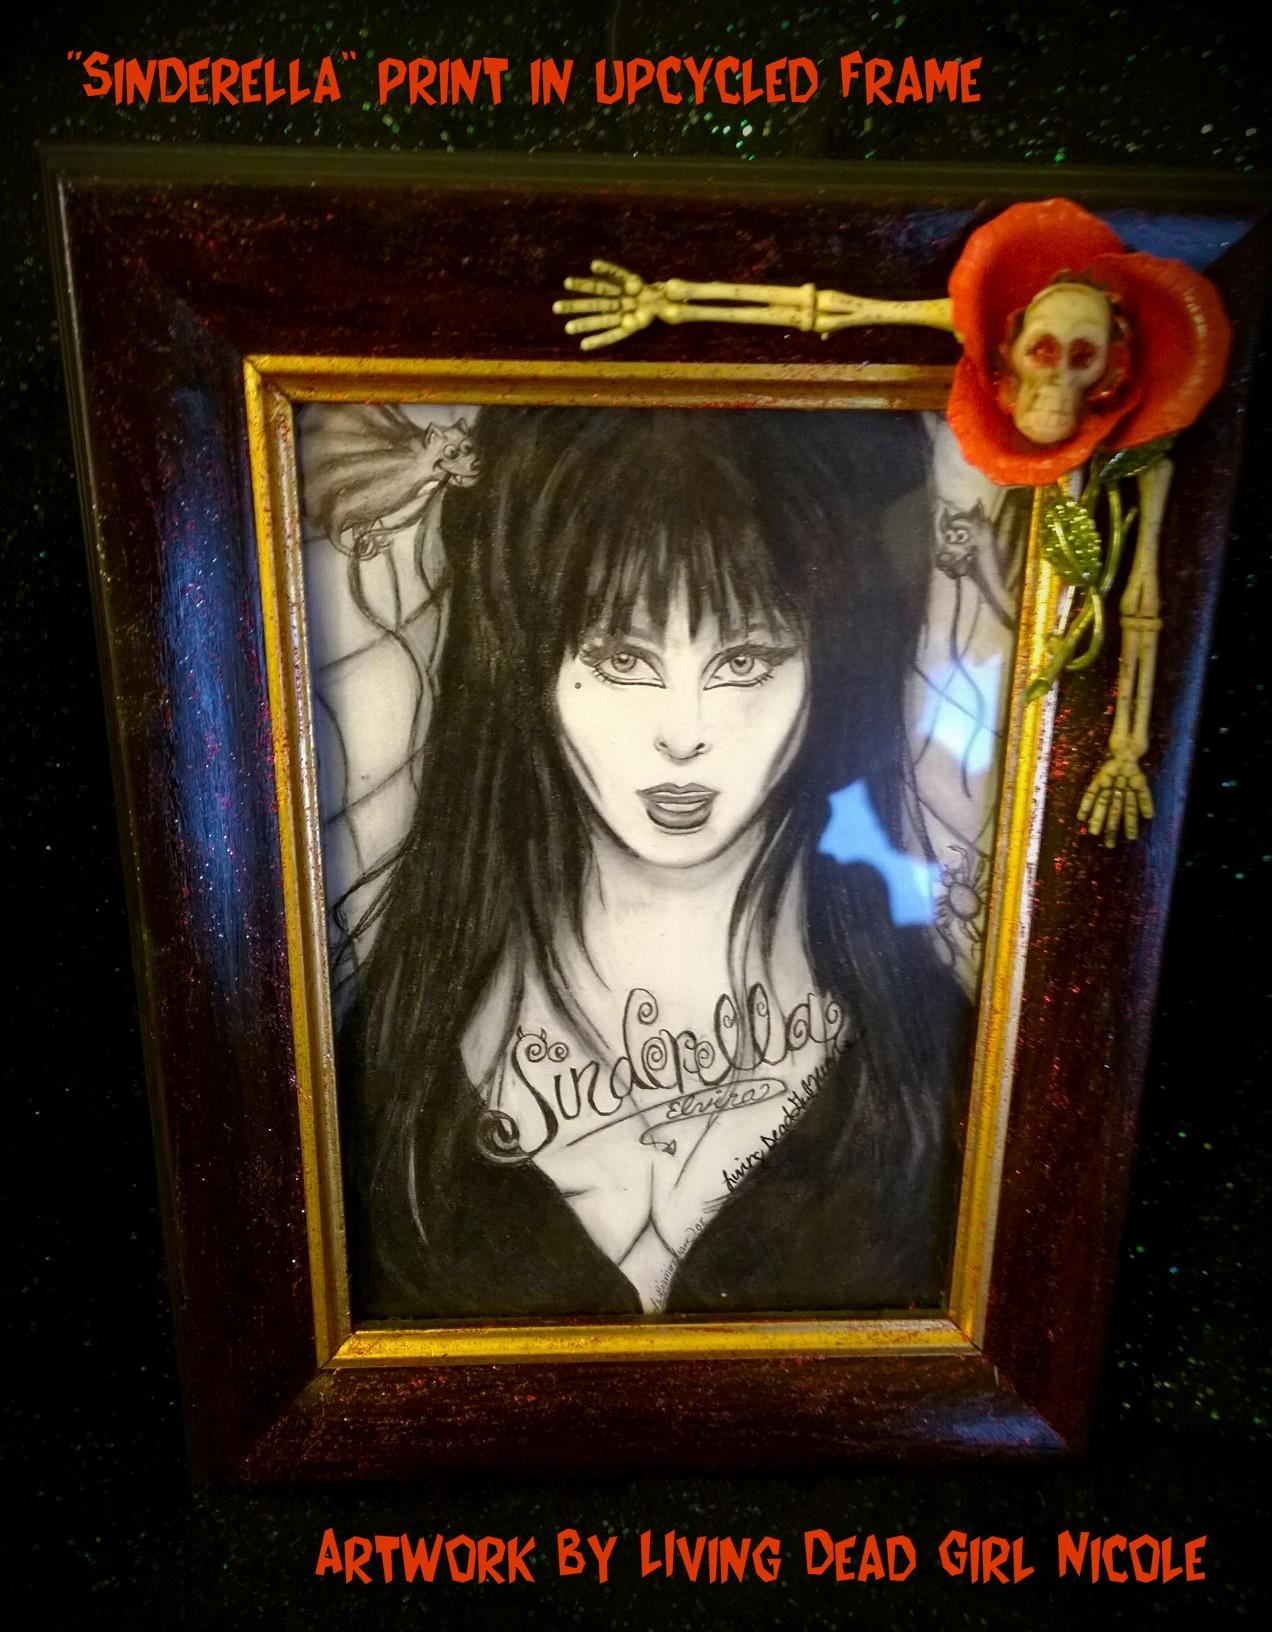 Elvira in upcycled frame